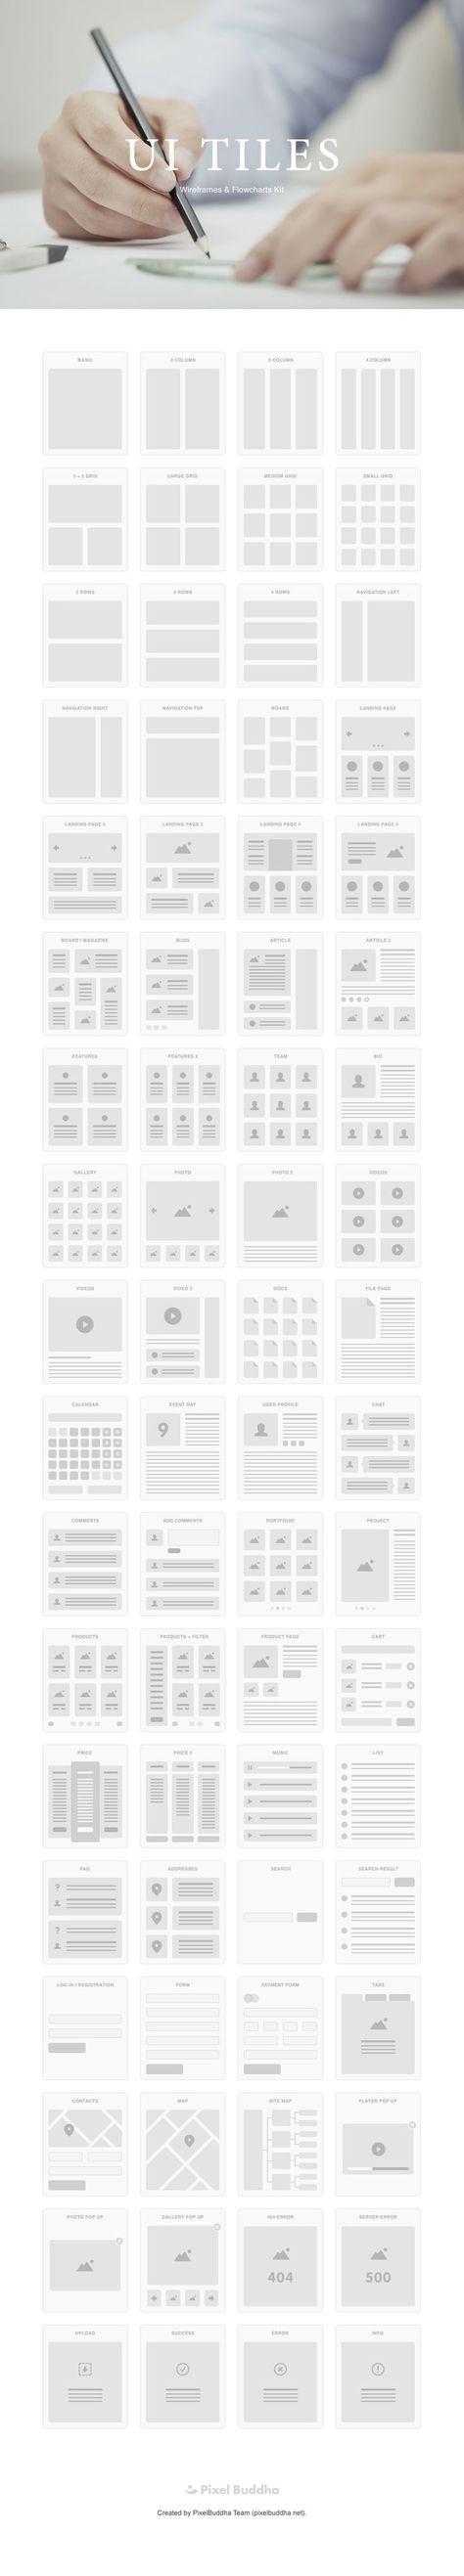 Cette infographie est une importante source d'inspiration pour les webdesigners qui démarrent un nouveau projet.: